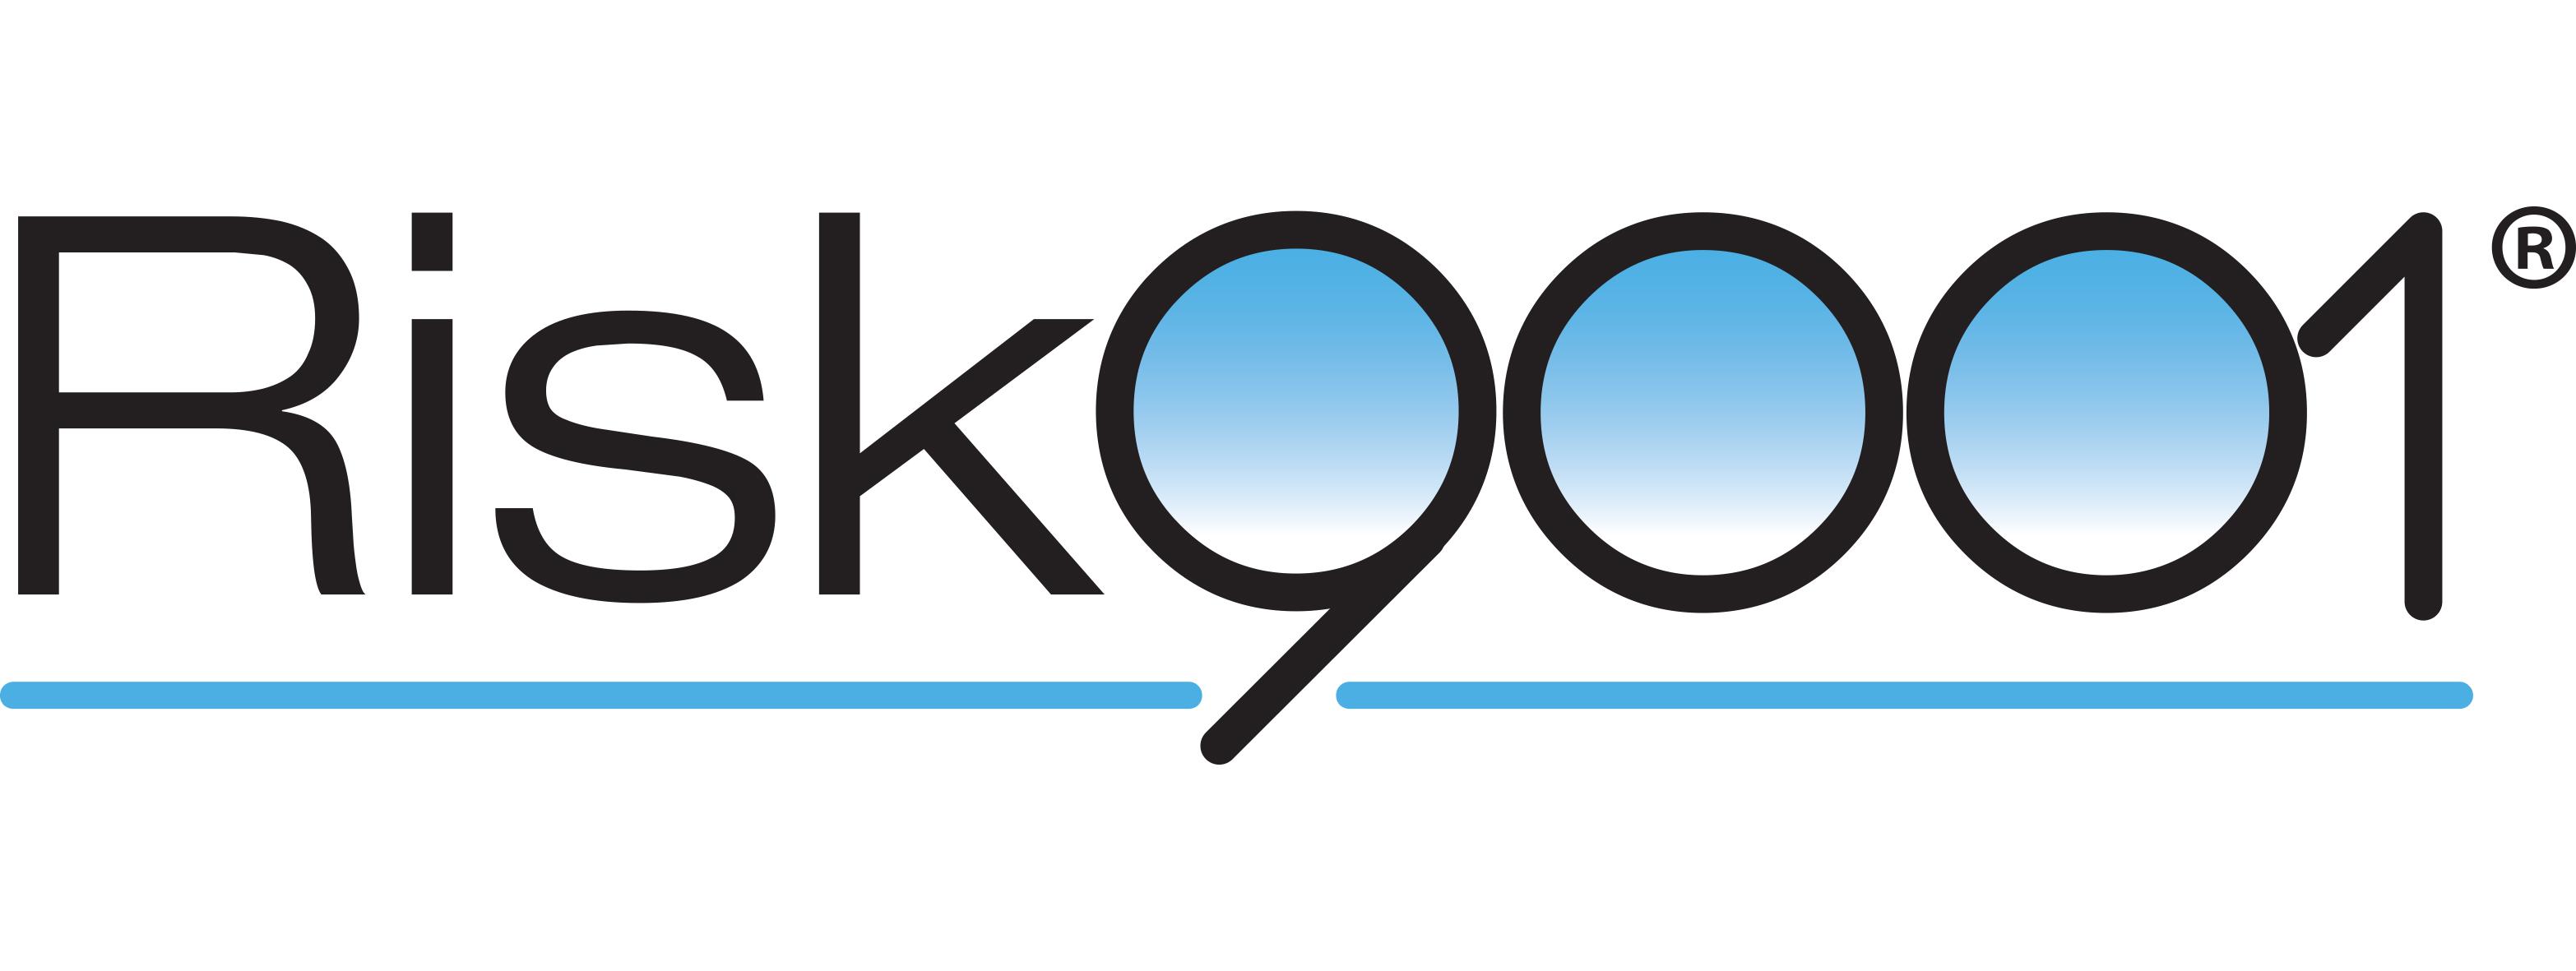 Gratuita la versione base, lo strumento di valutazione del proprio sistema qualità rispetto alla nuova norma ISO 9001 del 2015 di NCG